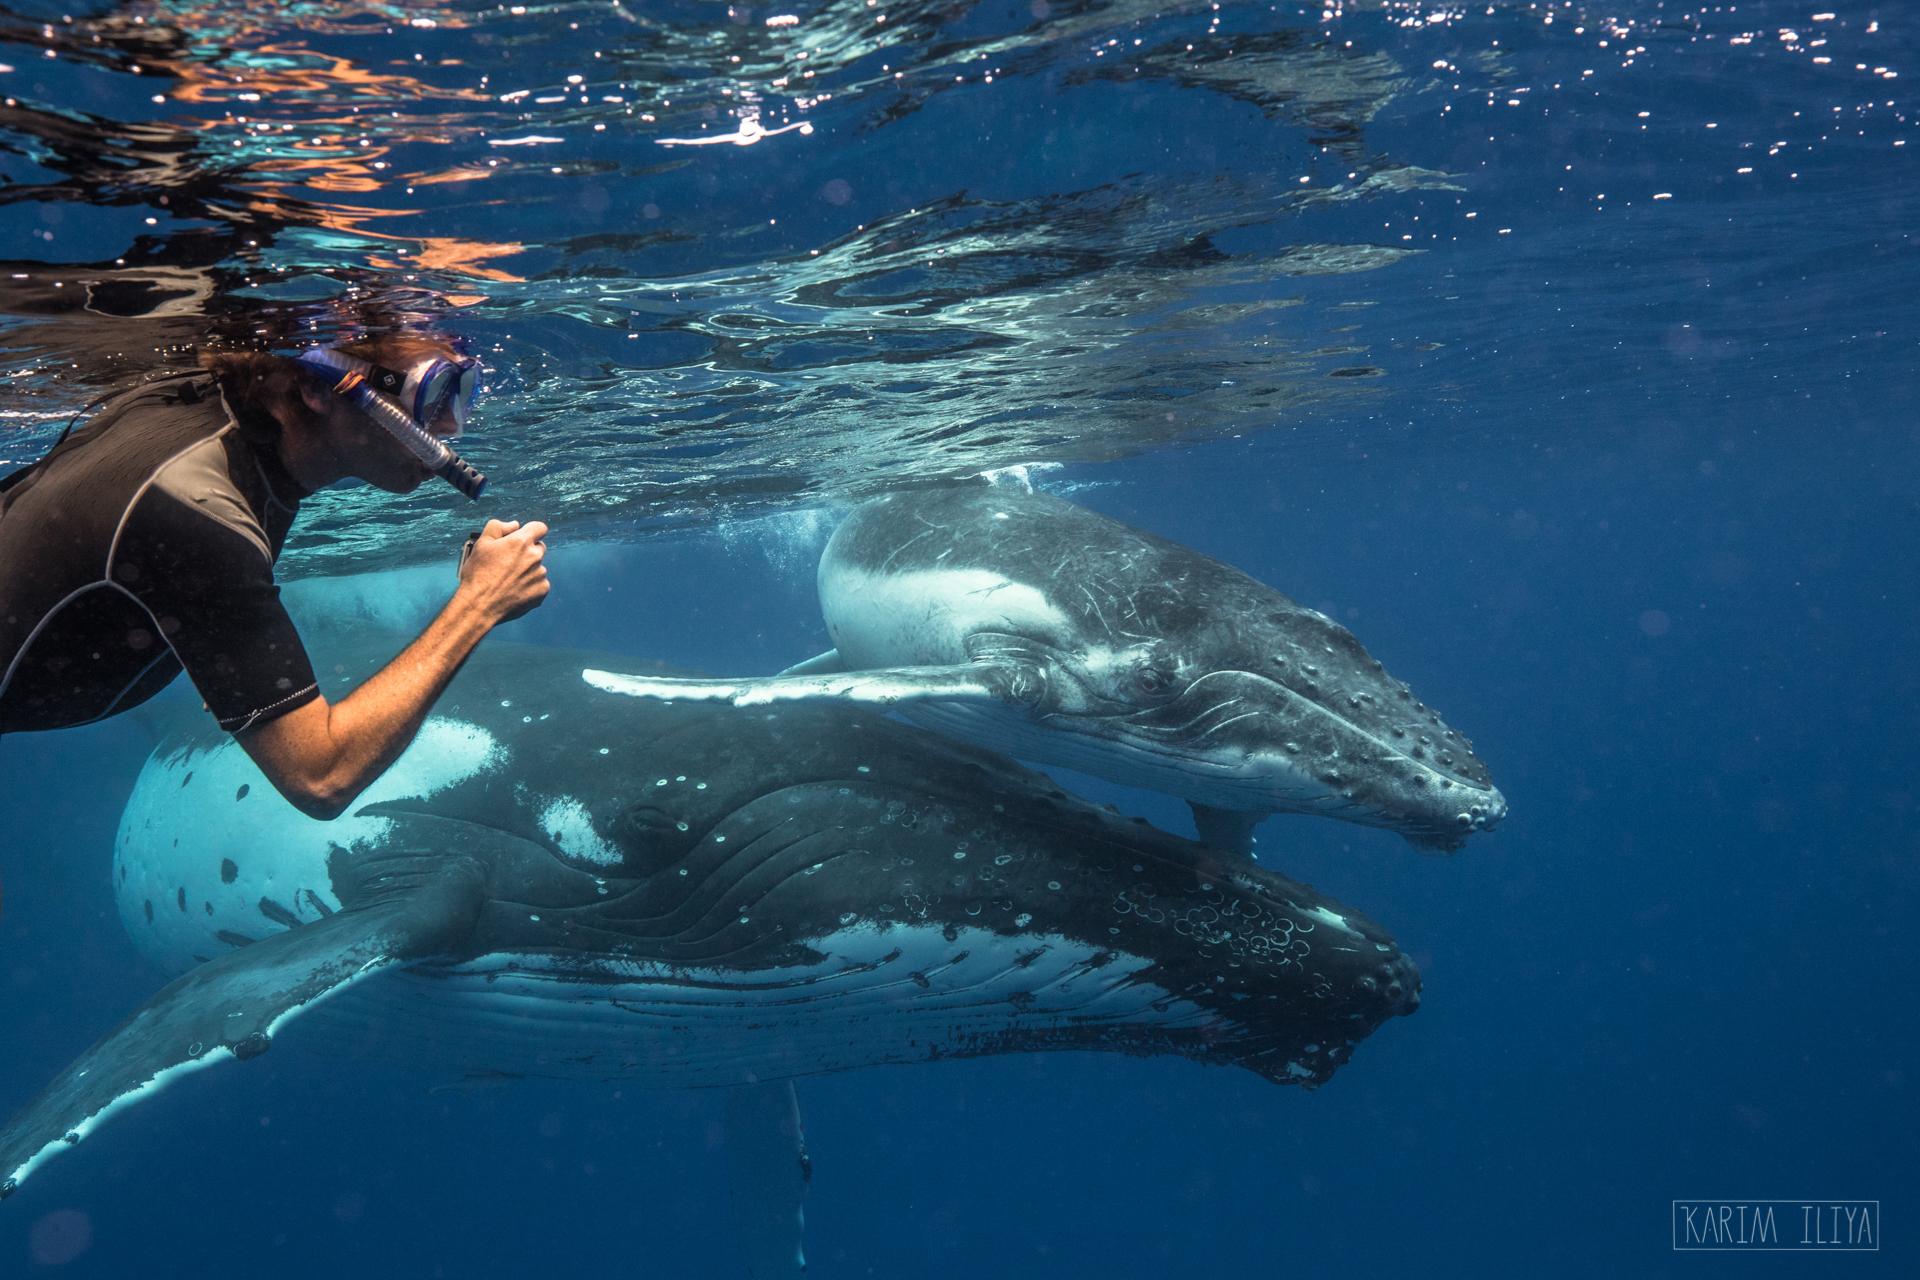 tongan-guide-snorkel-whales-join.jpg